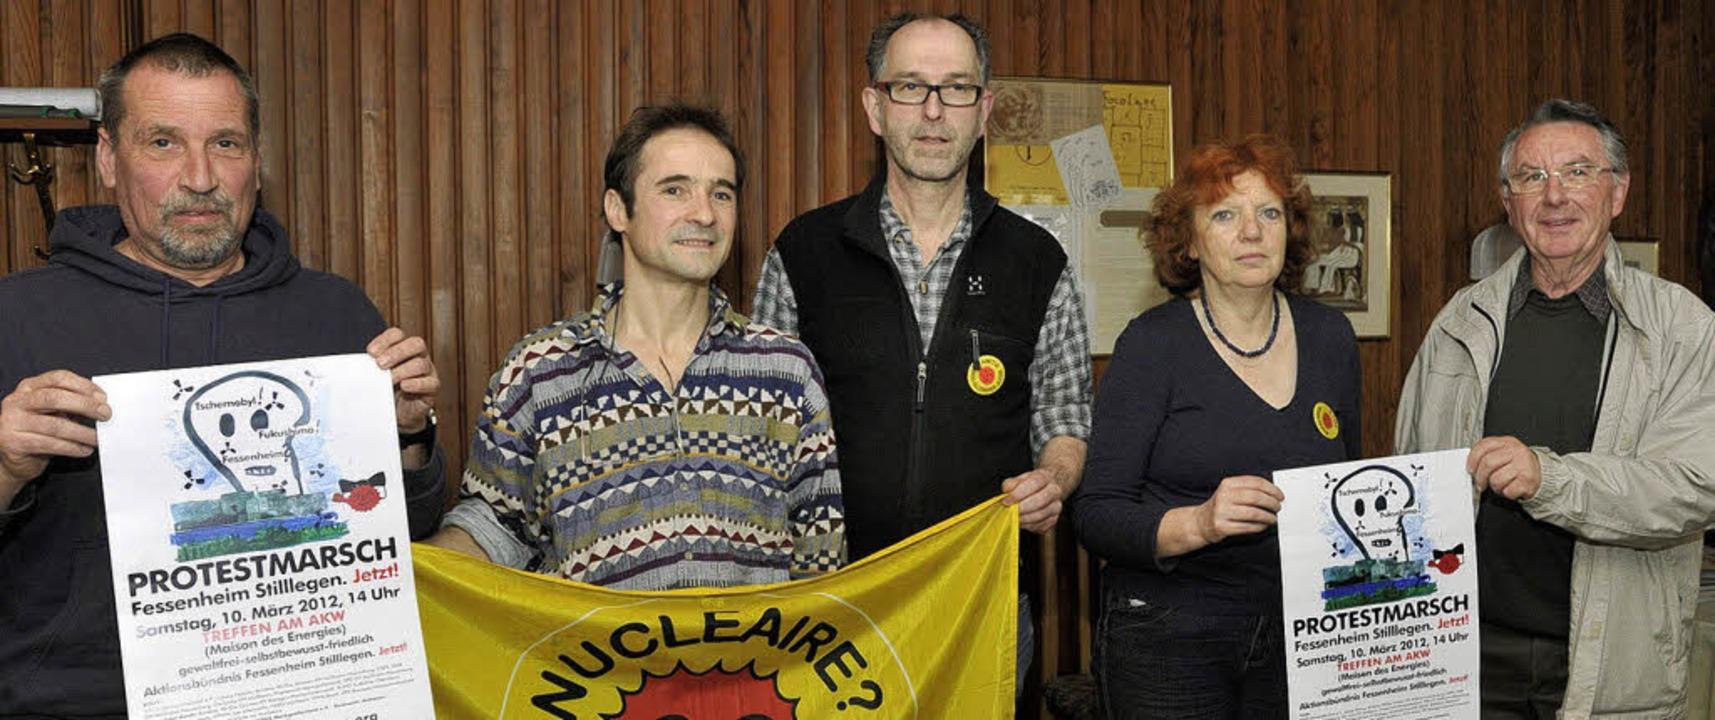 Ulrich Rodewald, Gilles Barth, Jürgen ...nz Schneider organisieren die Aktion.   | Foto: Volker Münch